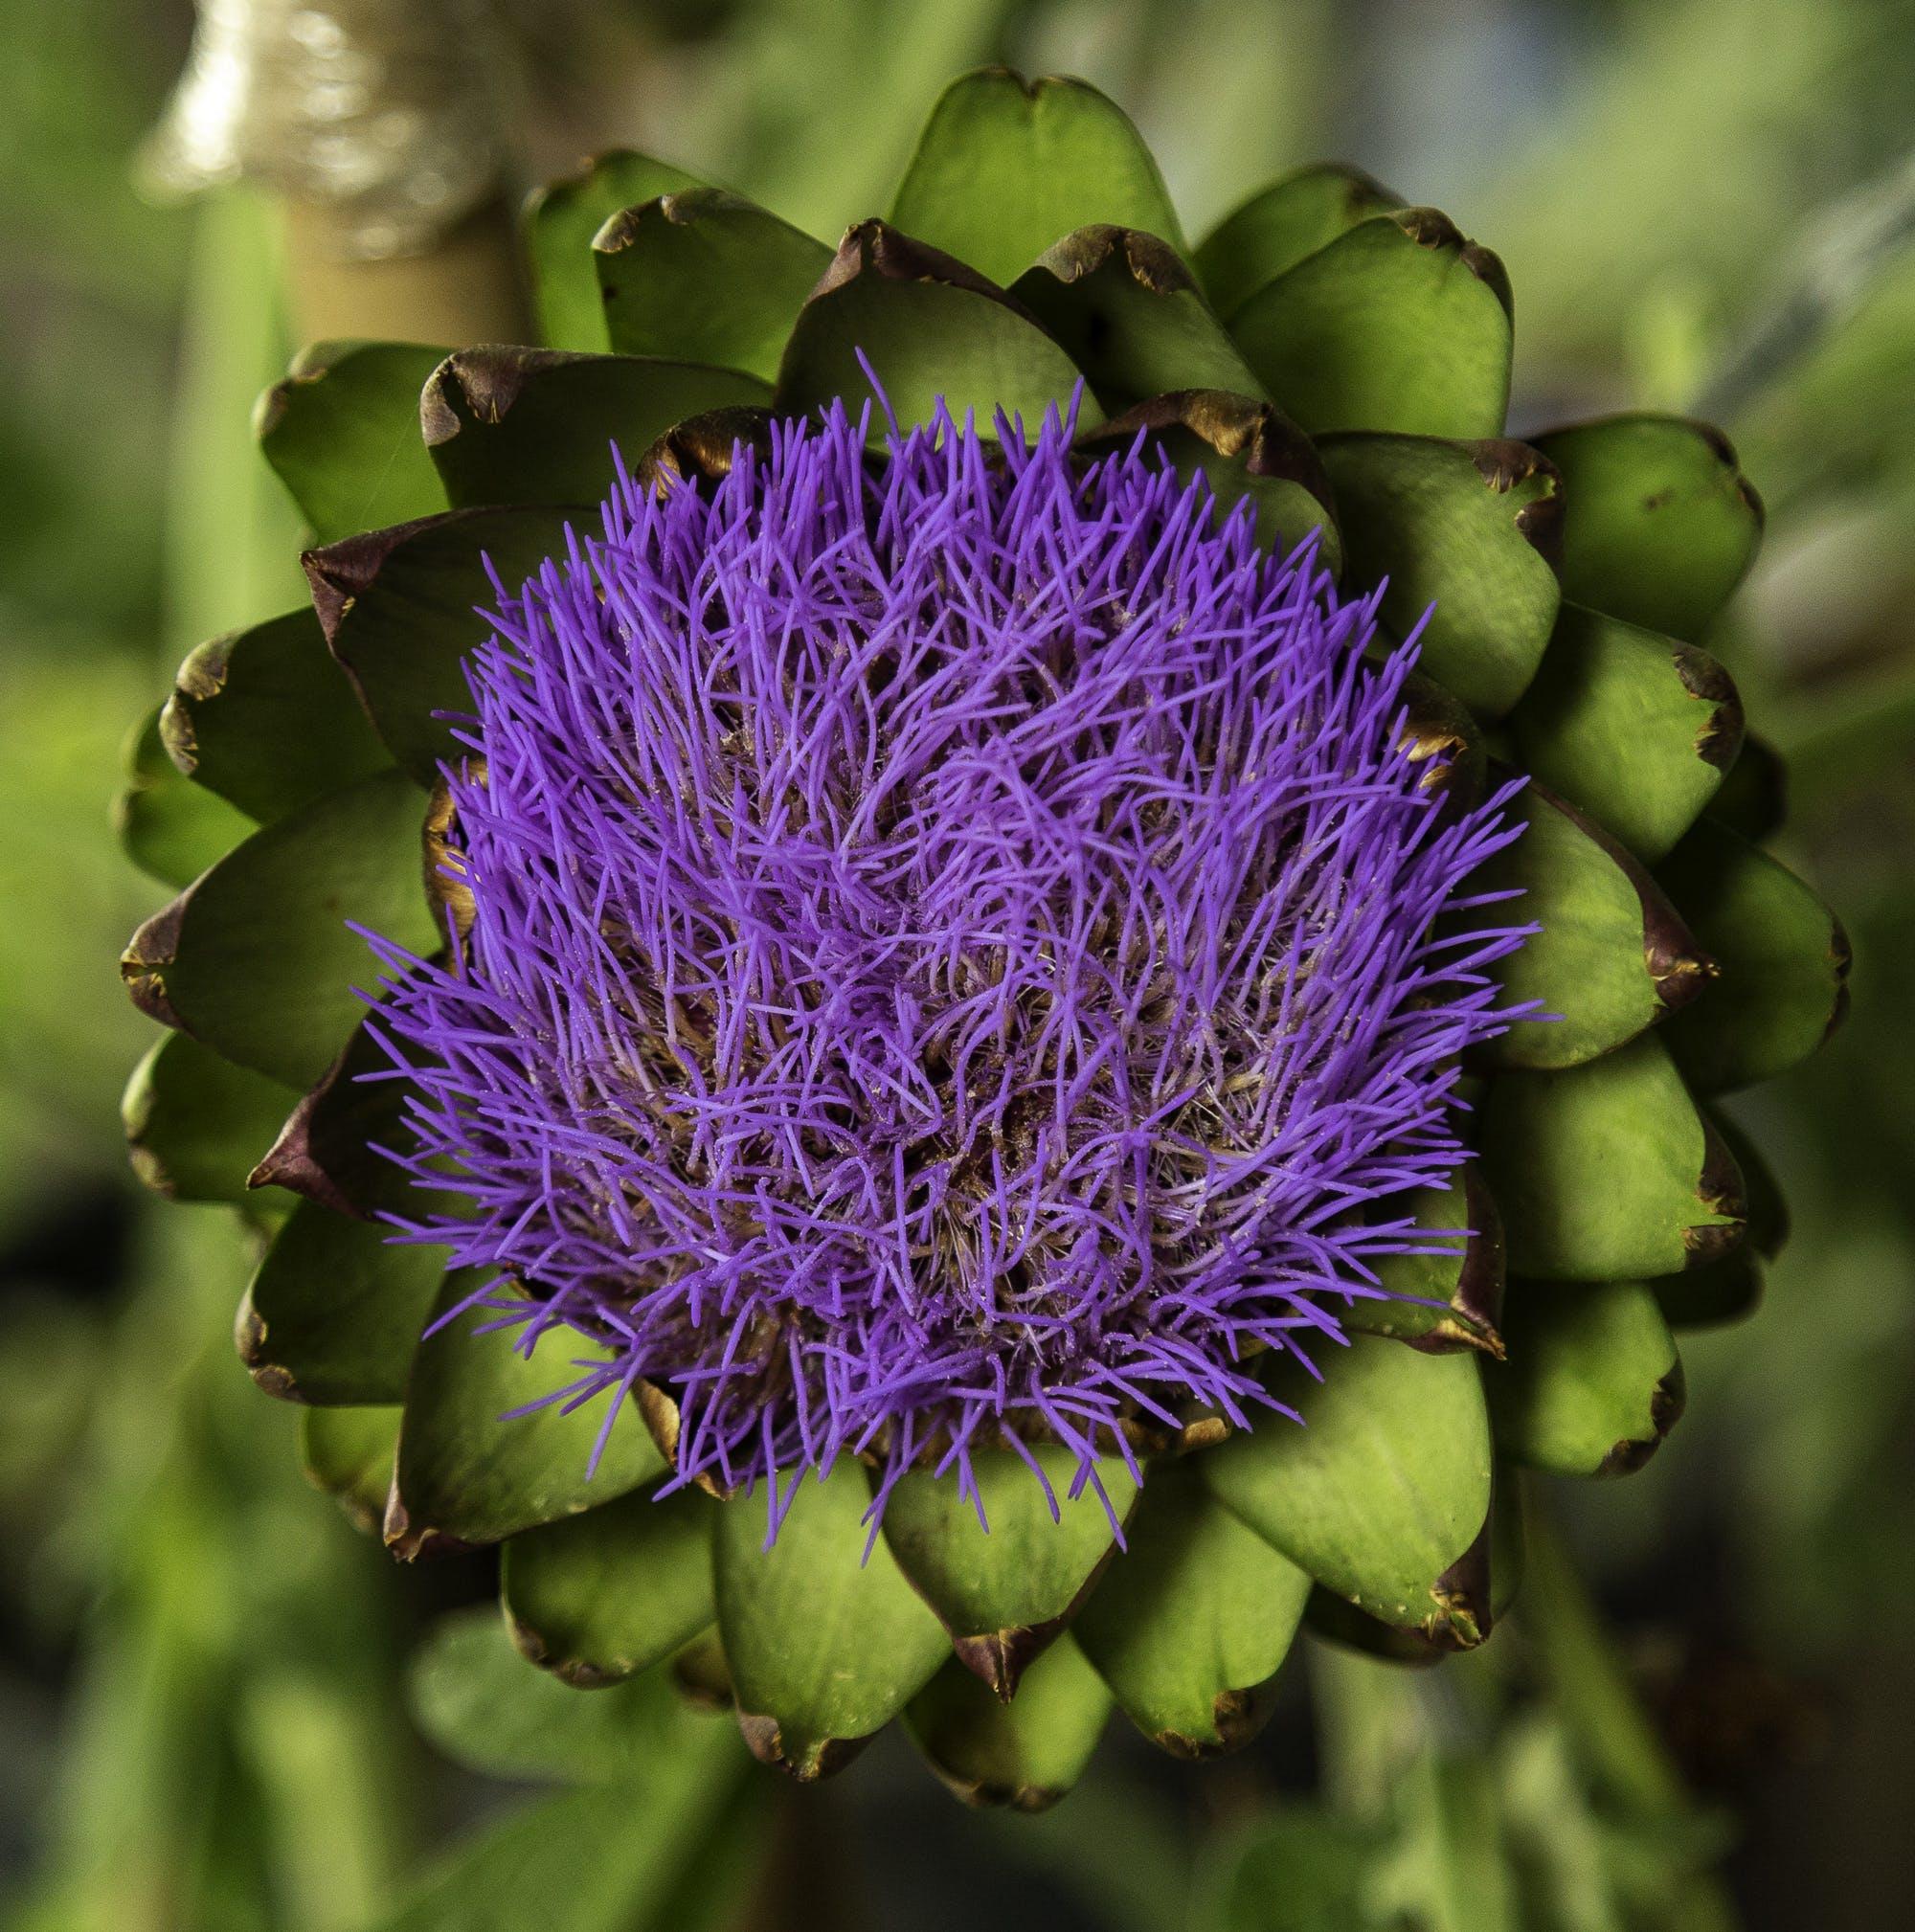 Fotos de stock gratuitas de flor de alcachofra